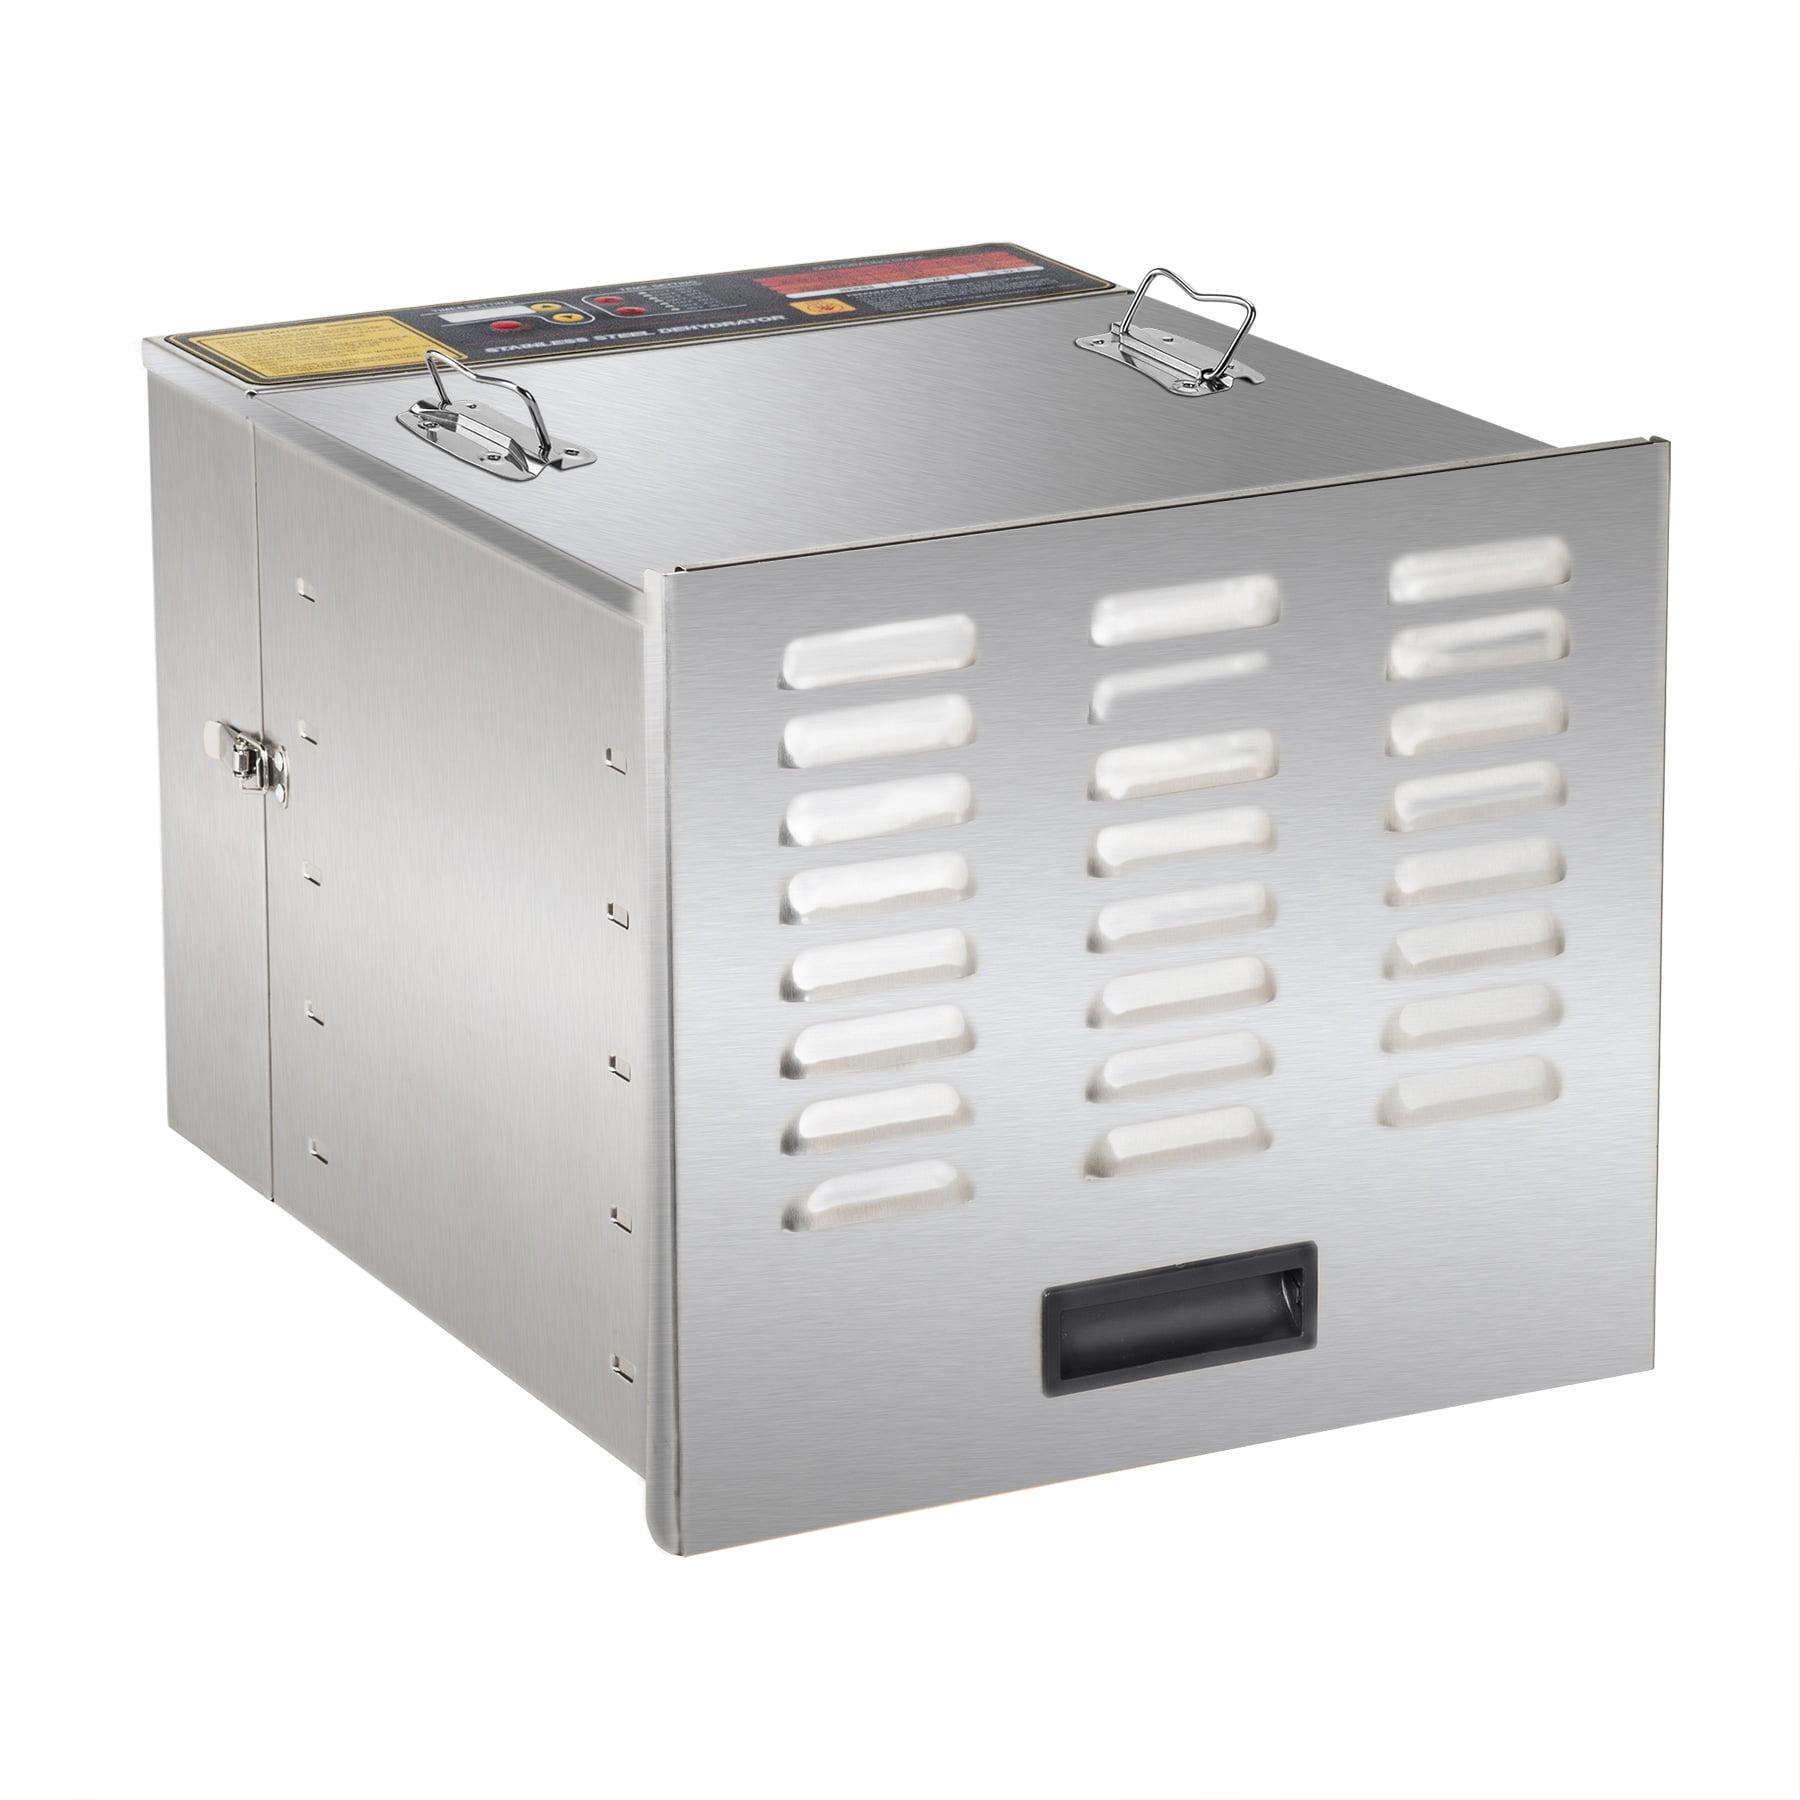 10 trays food fruit preserver dehydrator dryer jerky maker machine 1000 w walmart com